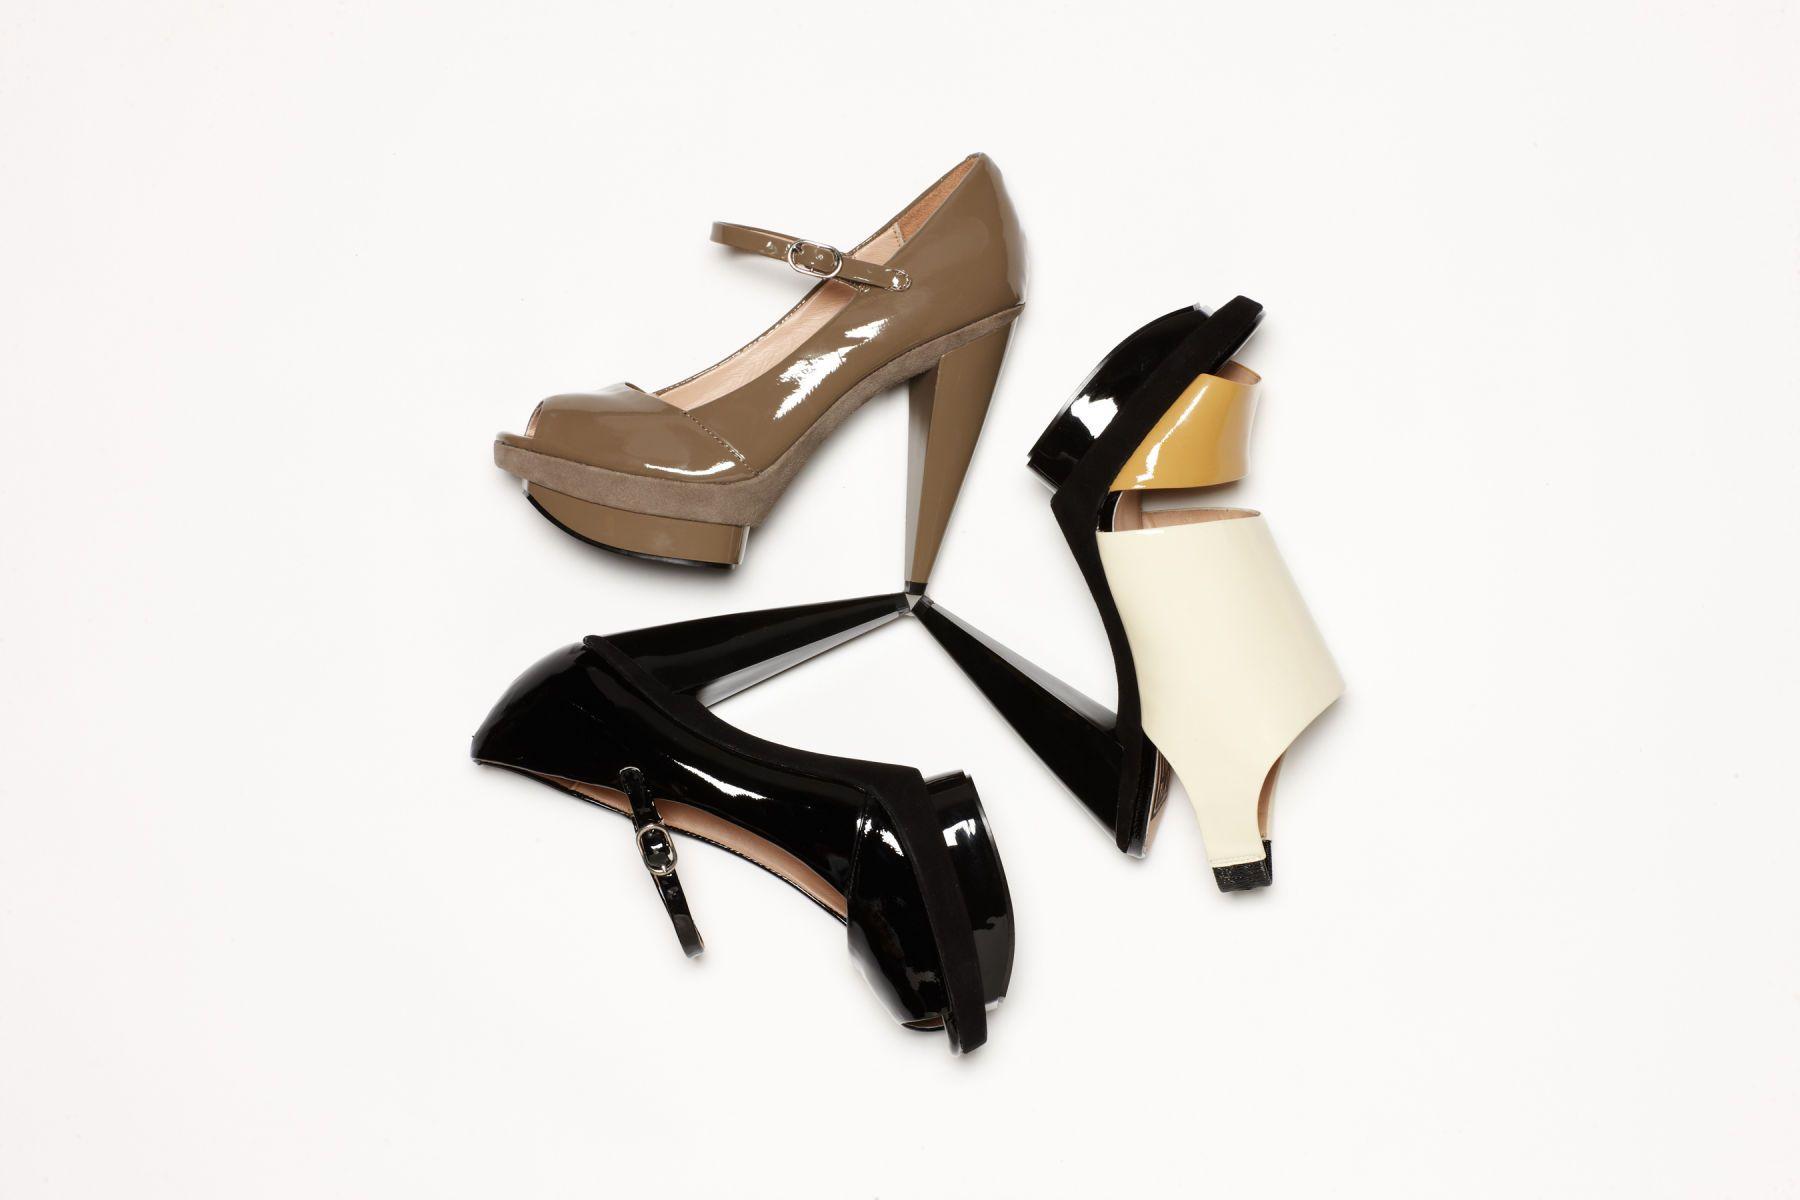 1r110318_shoes_w_pourlavictoire_s01_0026.jpg